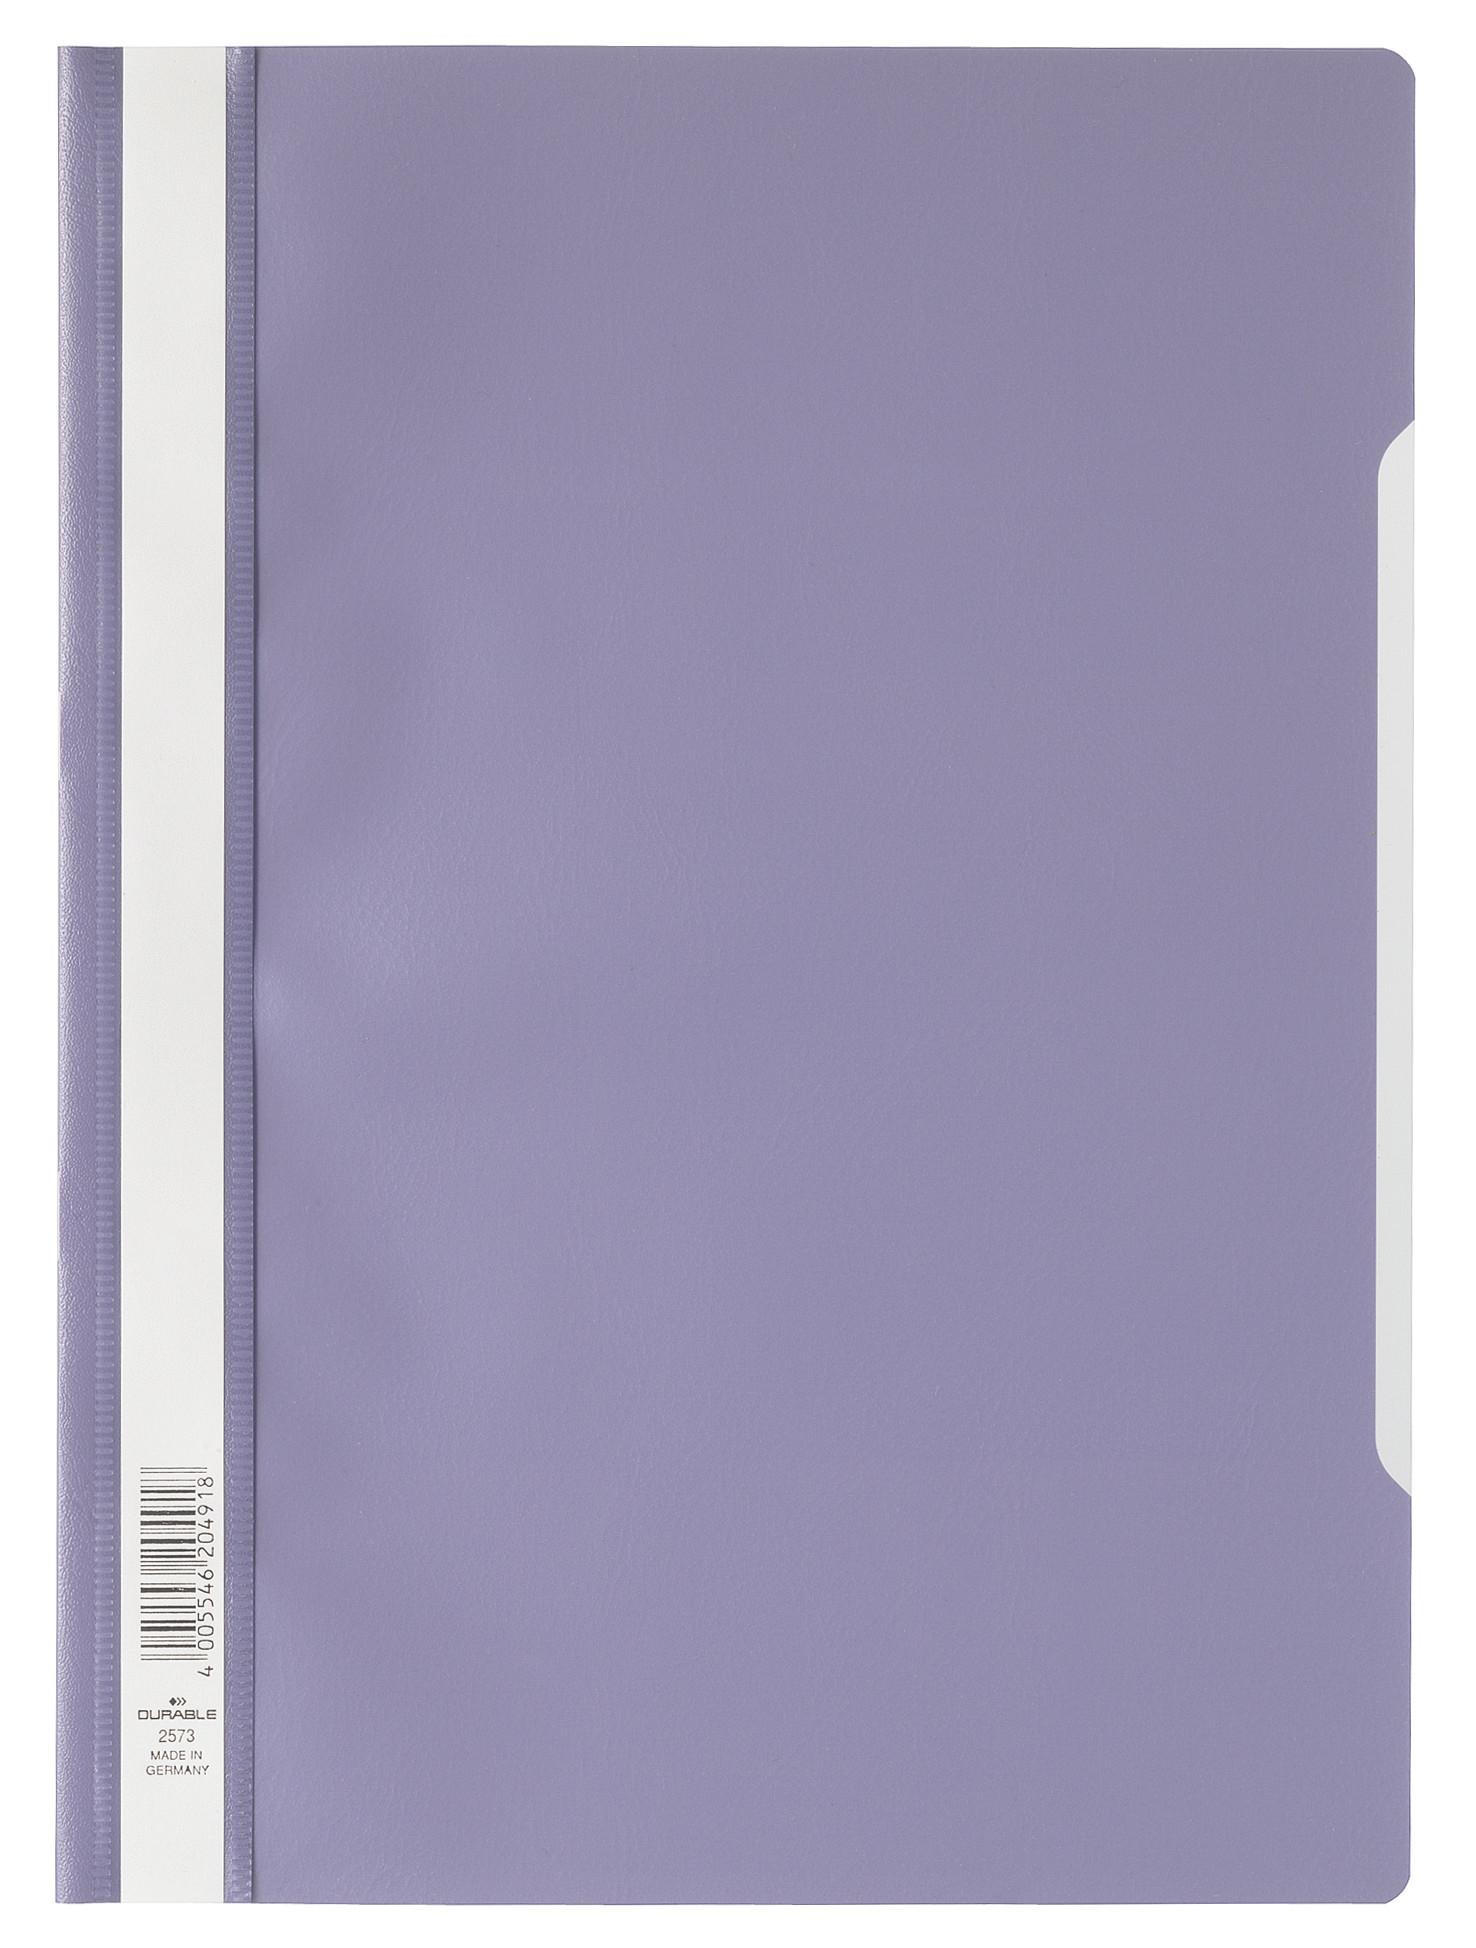 Durable 257312 - Präsentationsmappe - A4 - Polypropylen (PP) - Lila - Matt